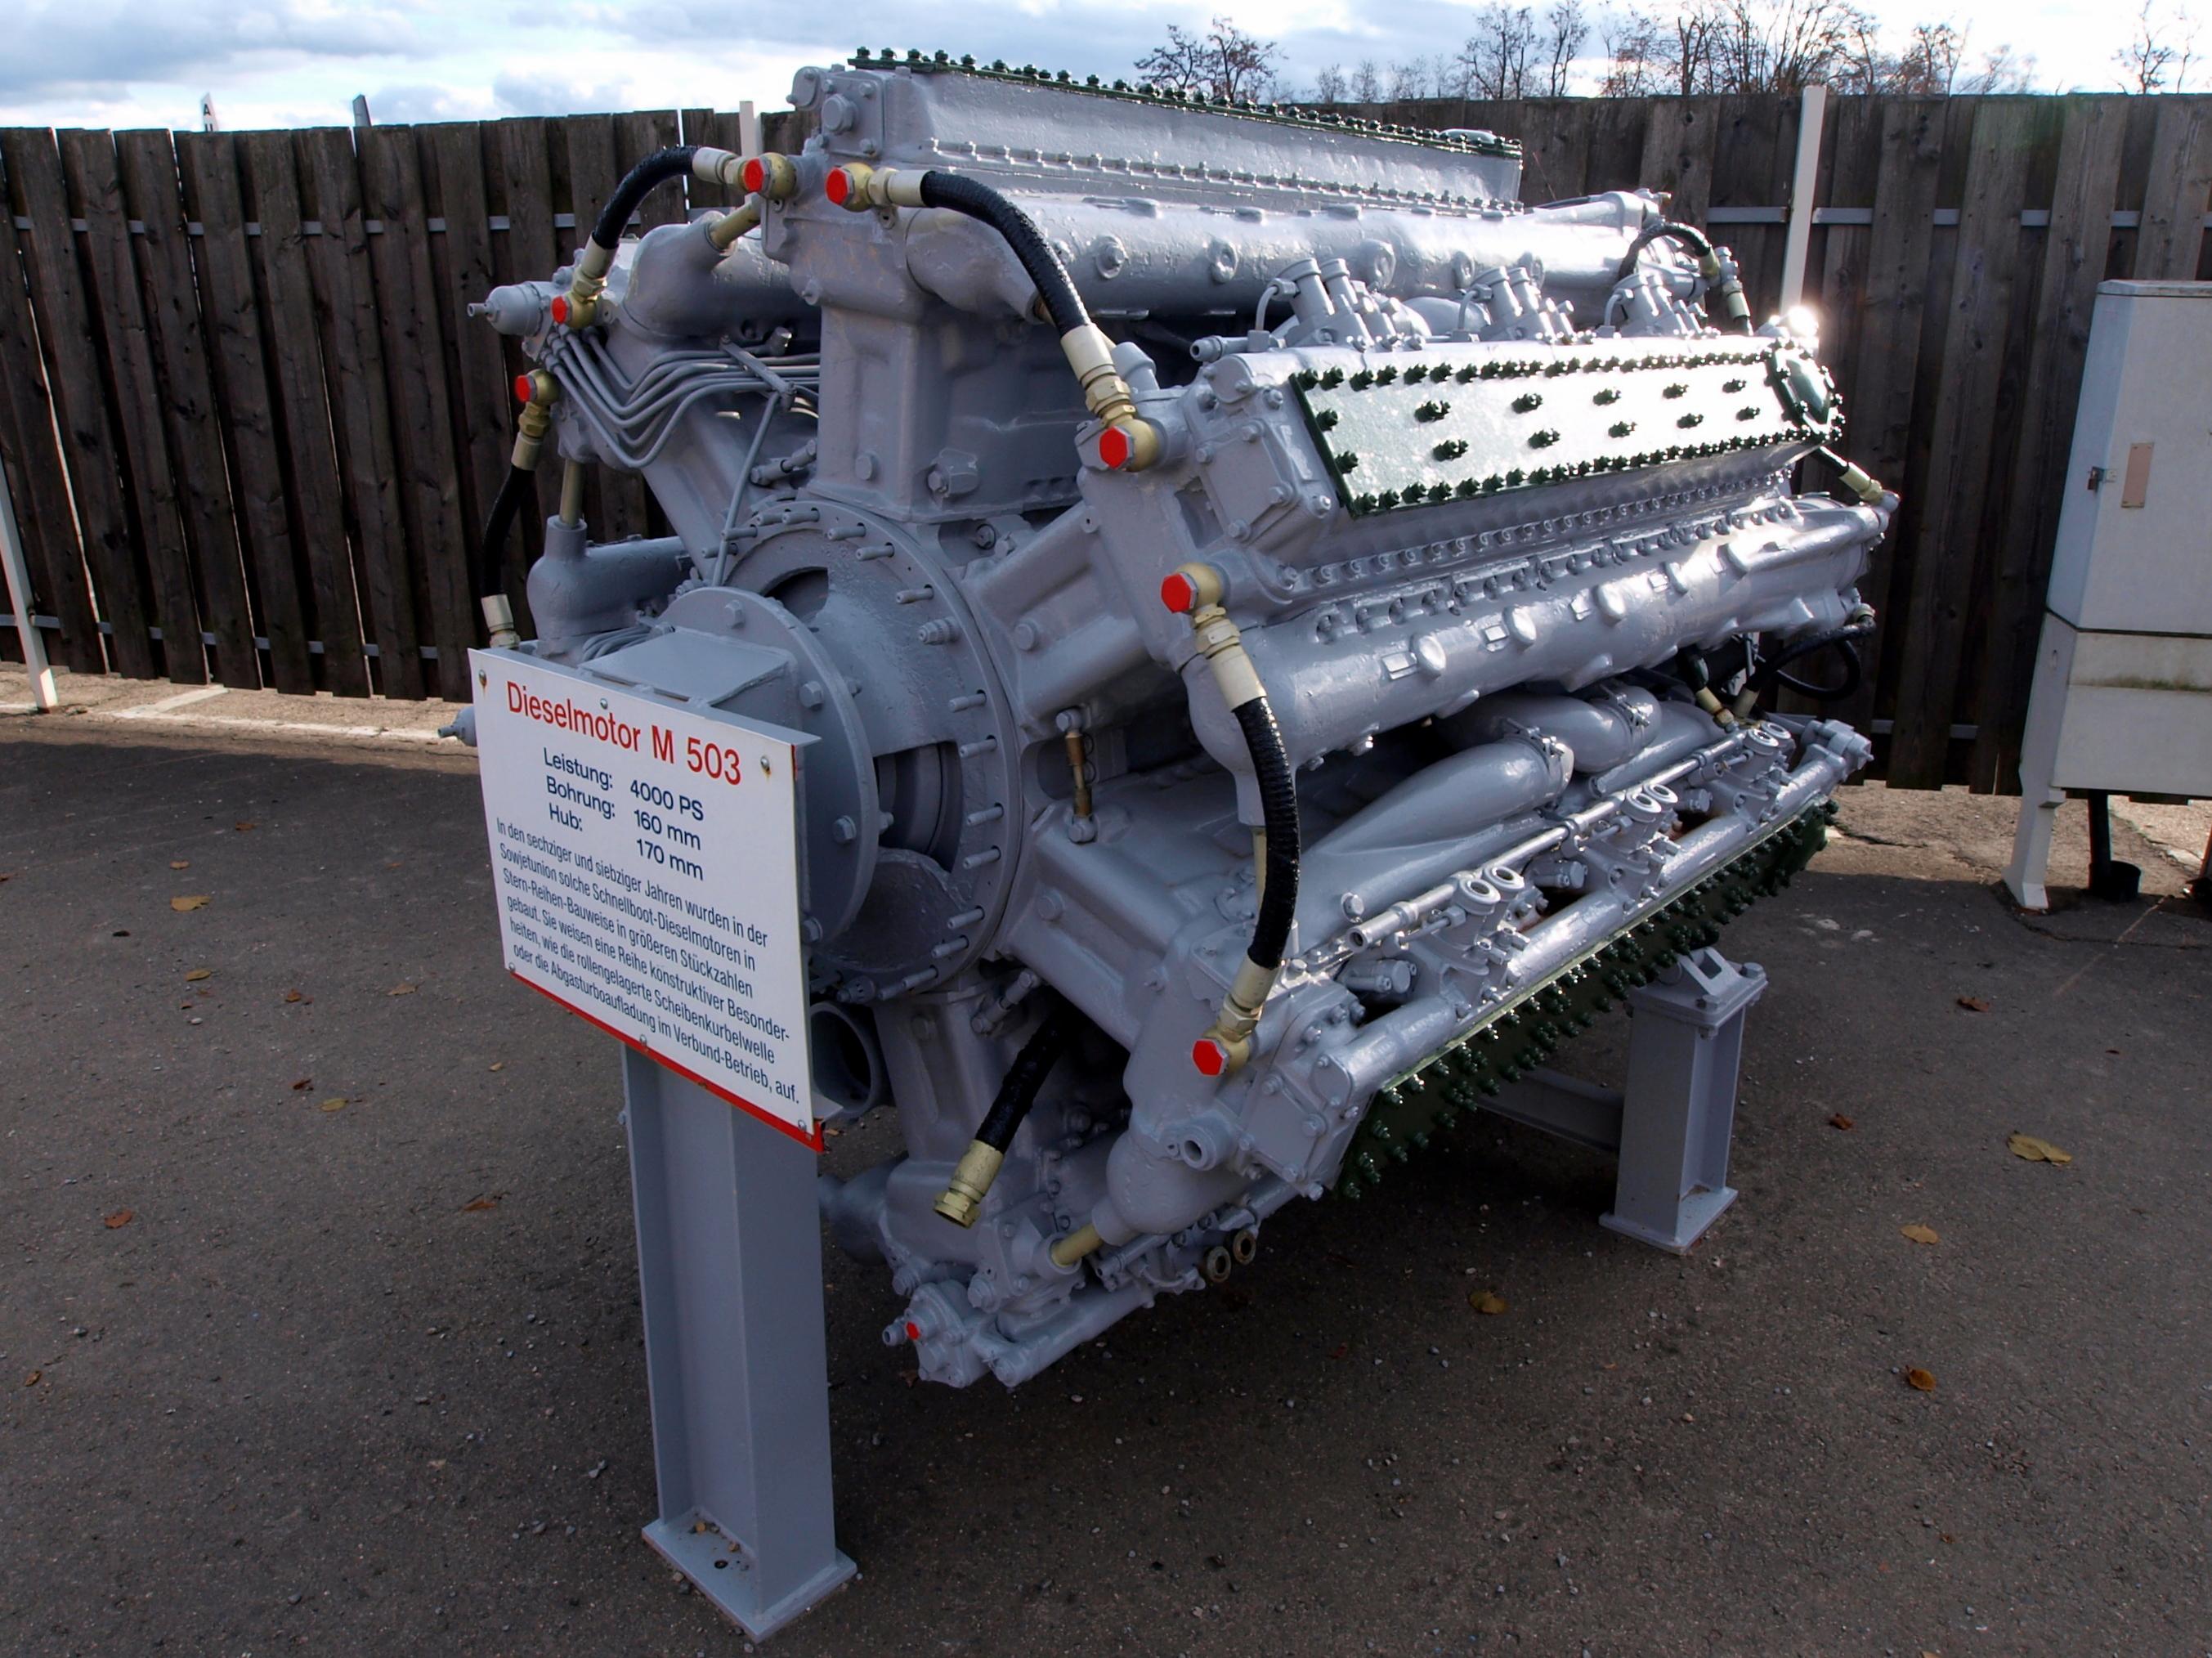 2 Person Car >> File:4000hp Stern-Reihen Dieselmotor M503 pic1.JPG ...